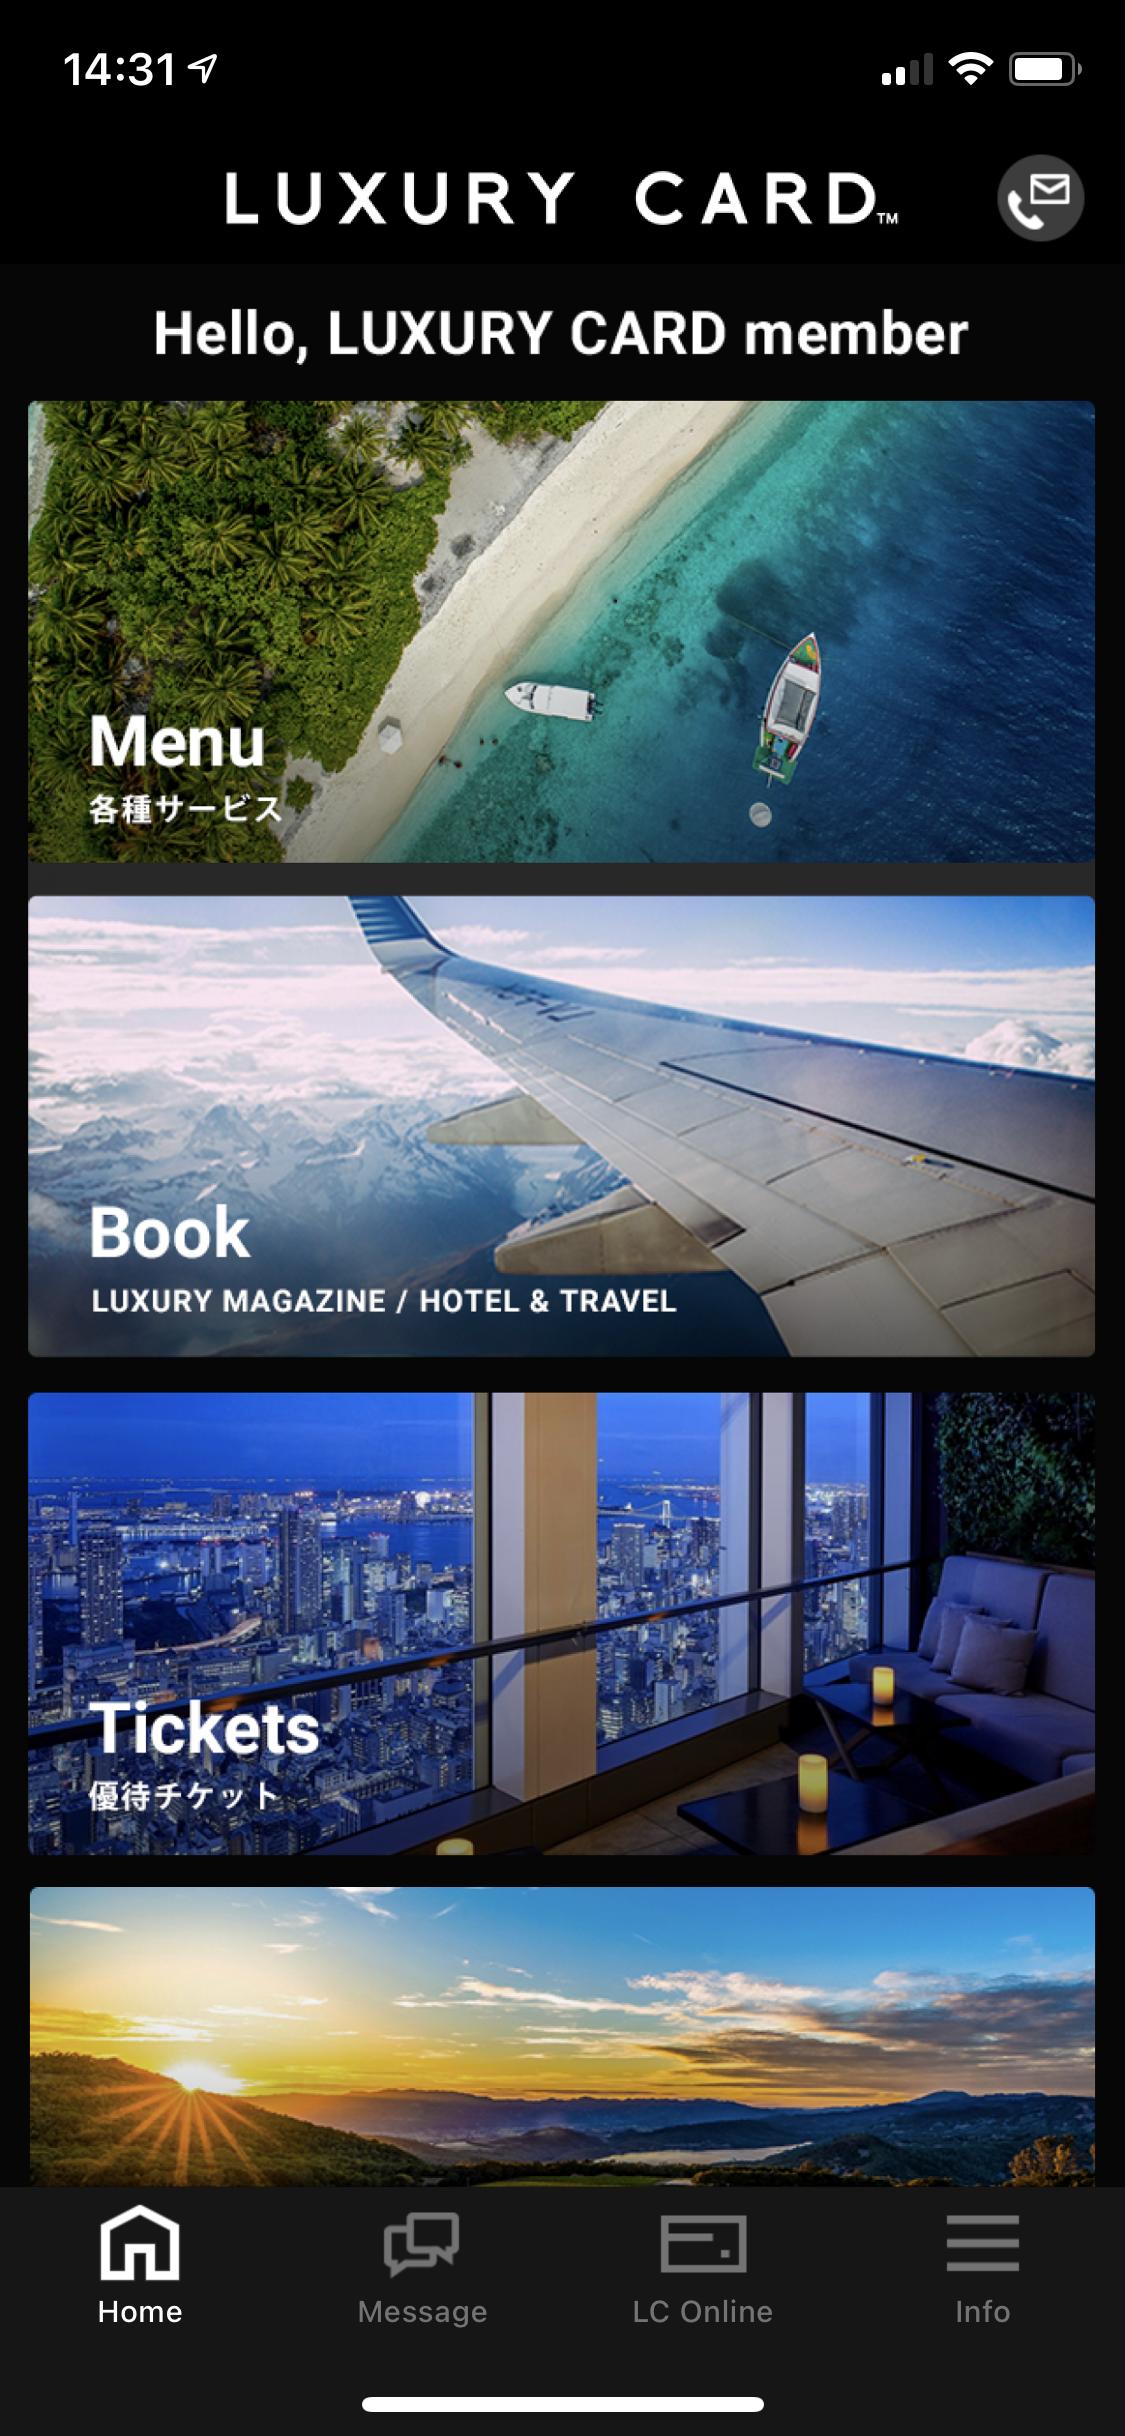 ラグジュアリーカードのスマホアプリ(ホーム画面)